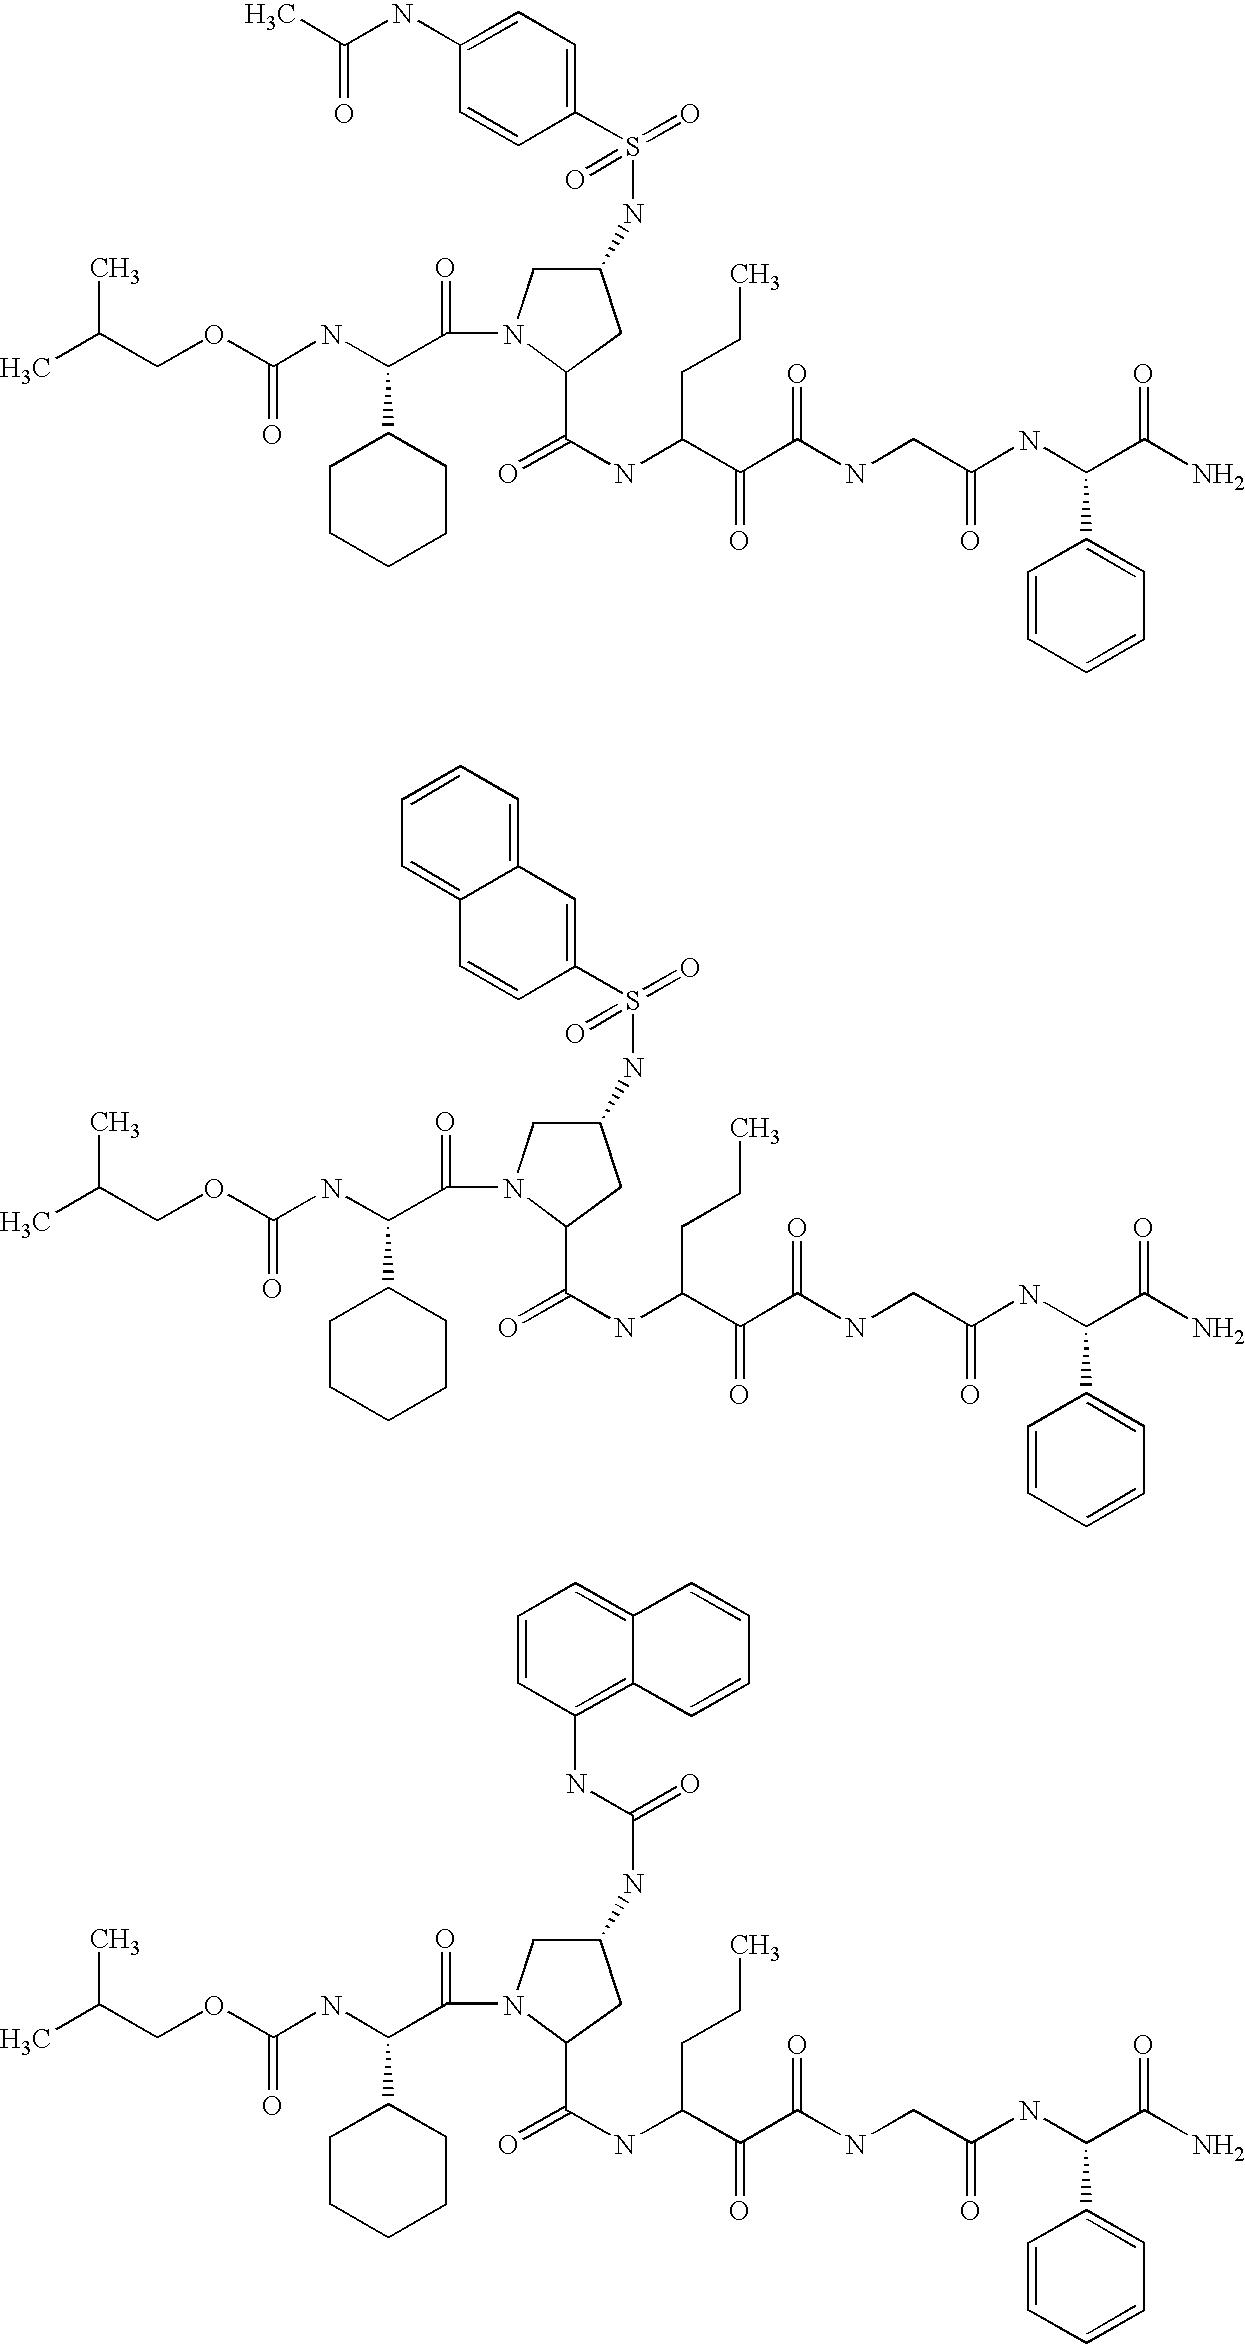 Figure US20060287248A1-20061221-C00129